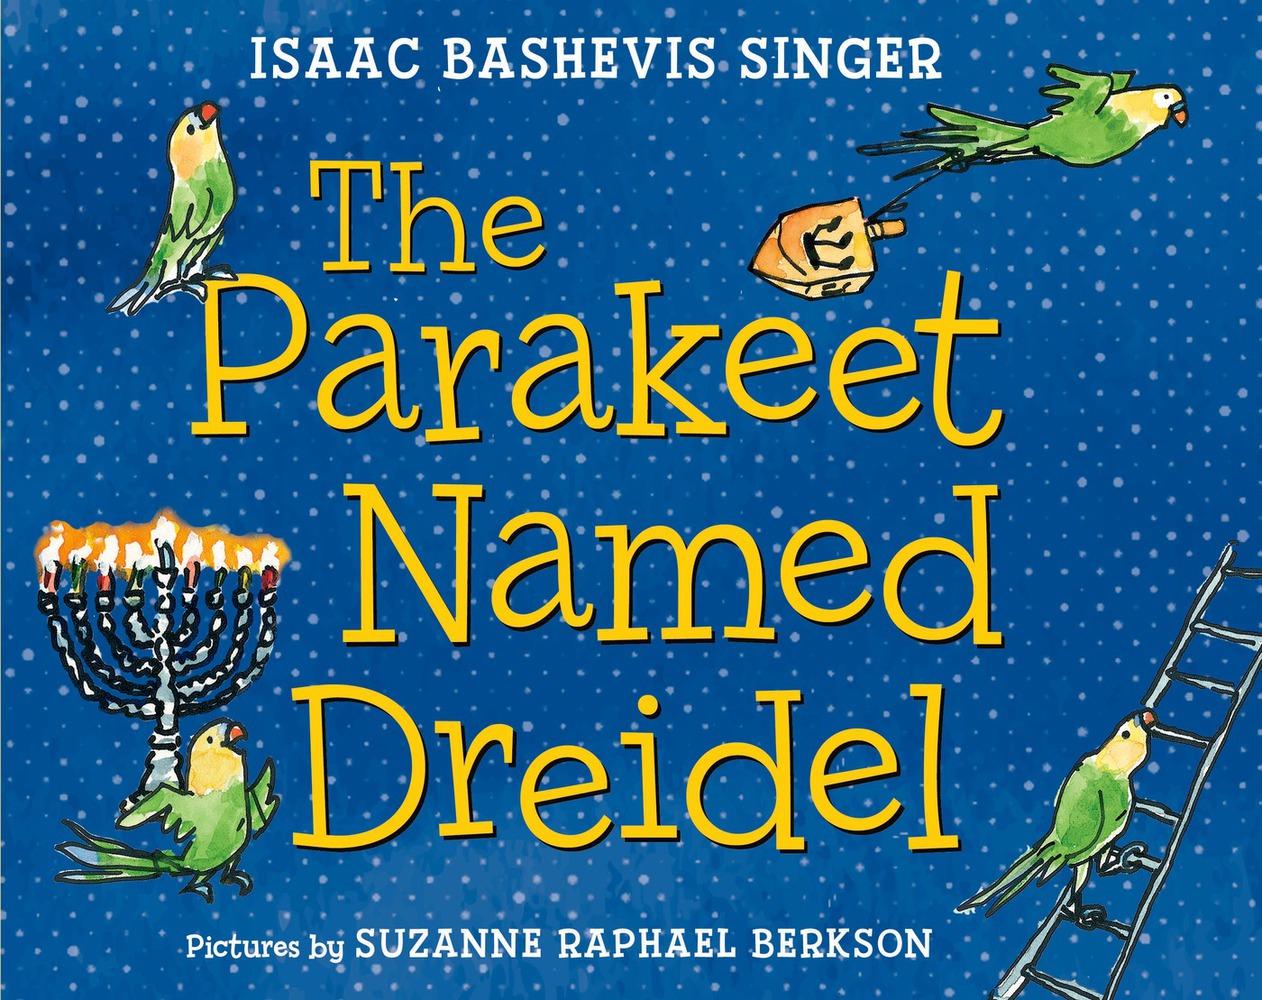 parakeet-named-dreidel.jpg